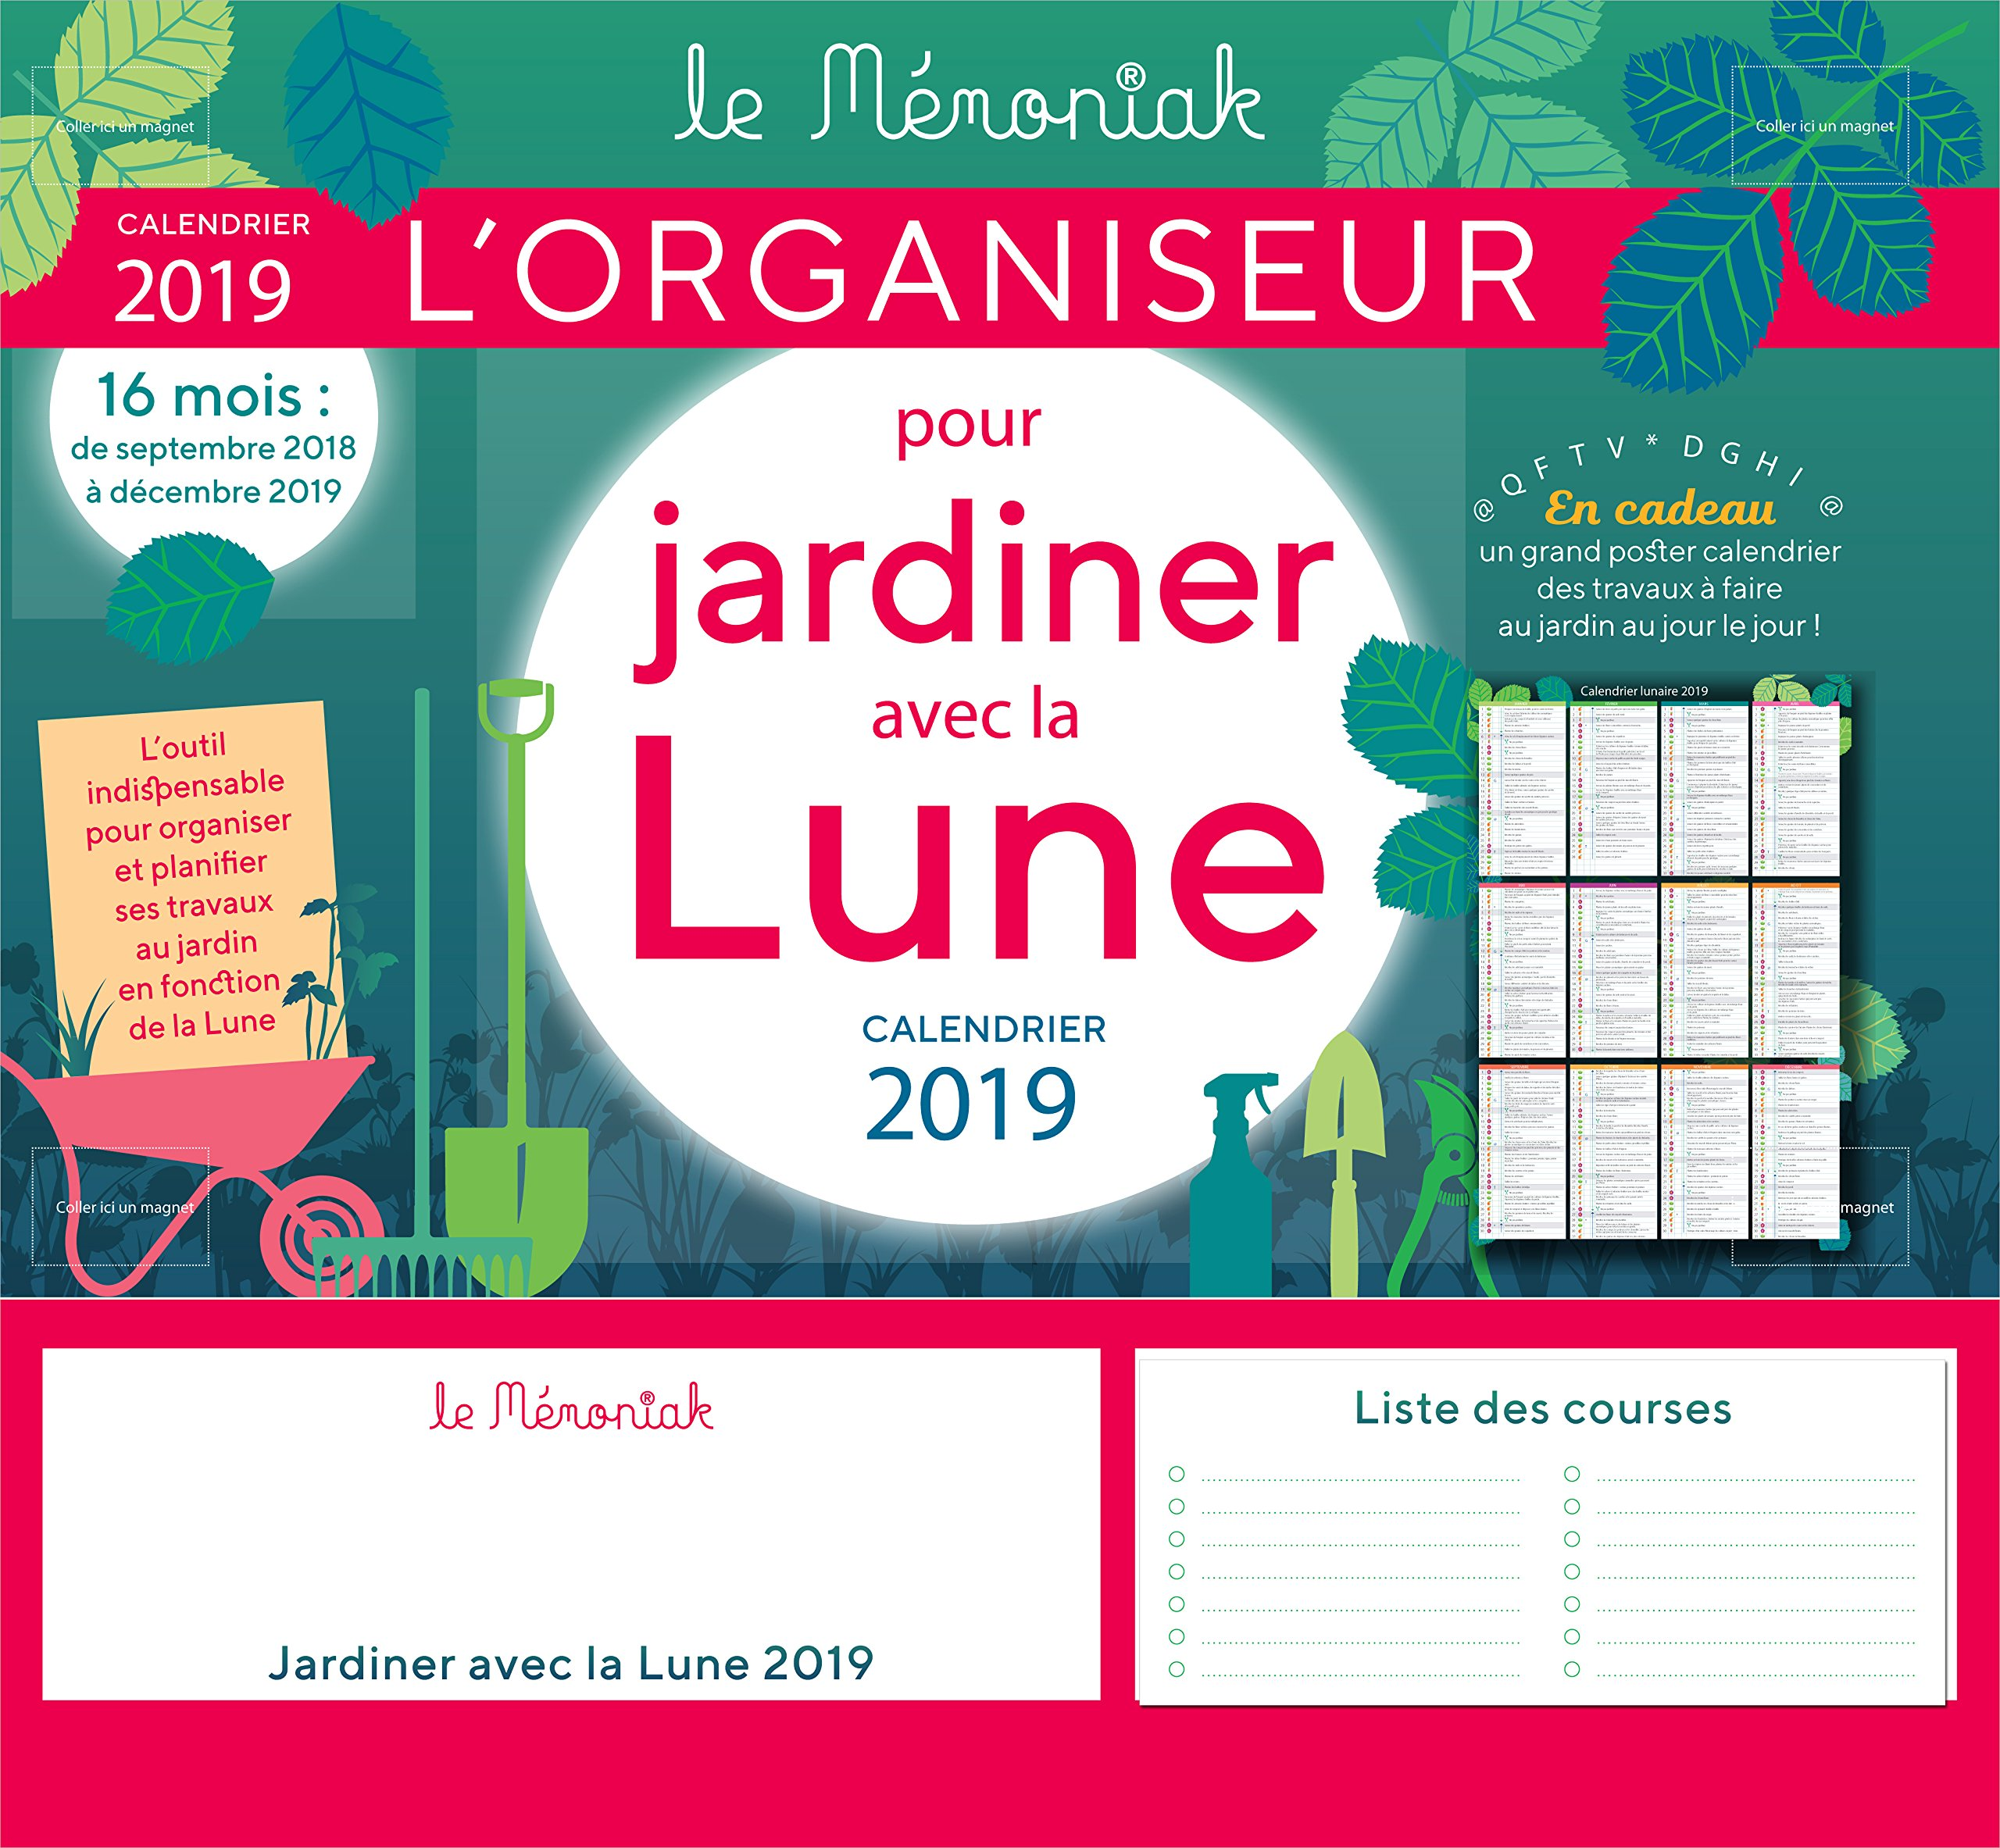 Calendrier Avec Les Lunes.Amazon Fr Organiseur Memoniak Pour Jardiner Avec La Lune